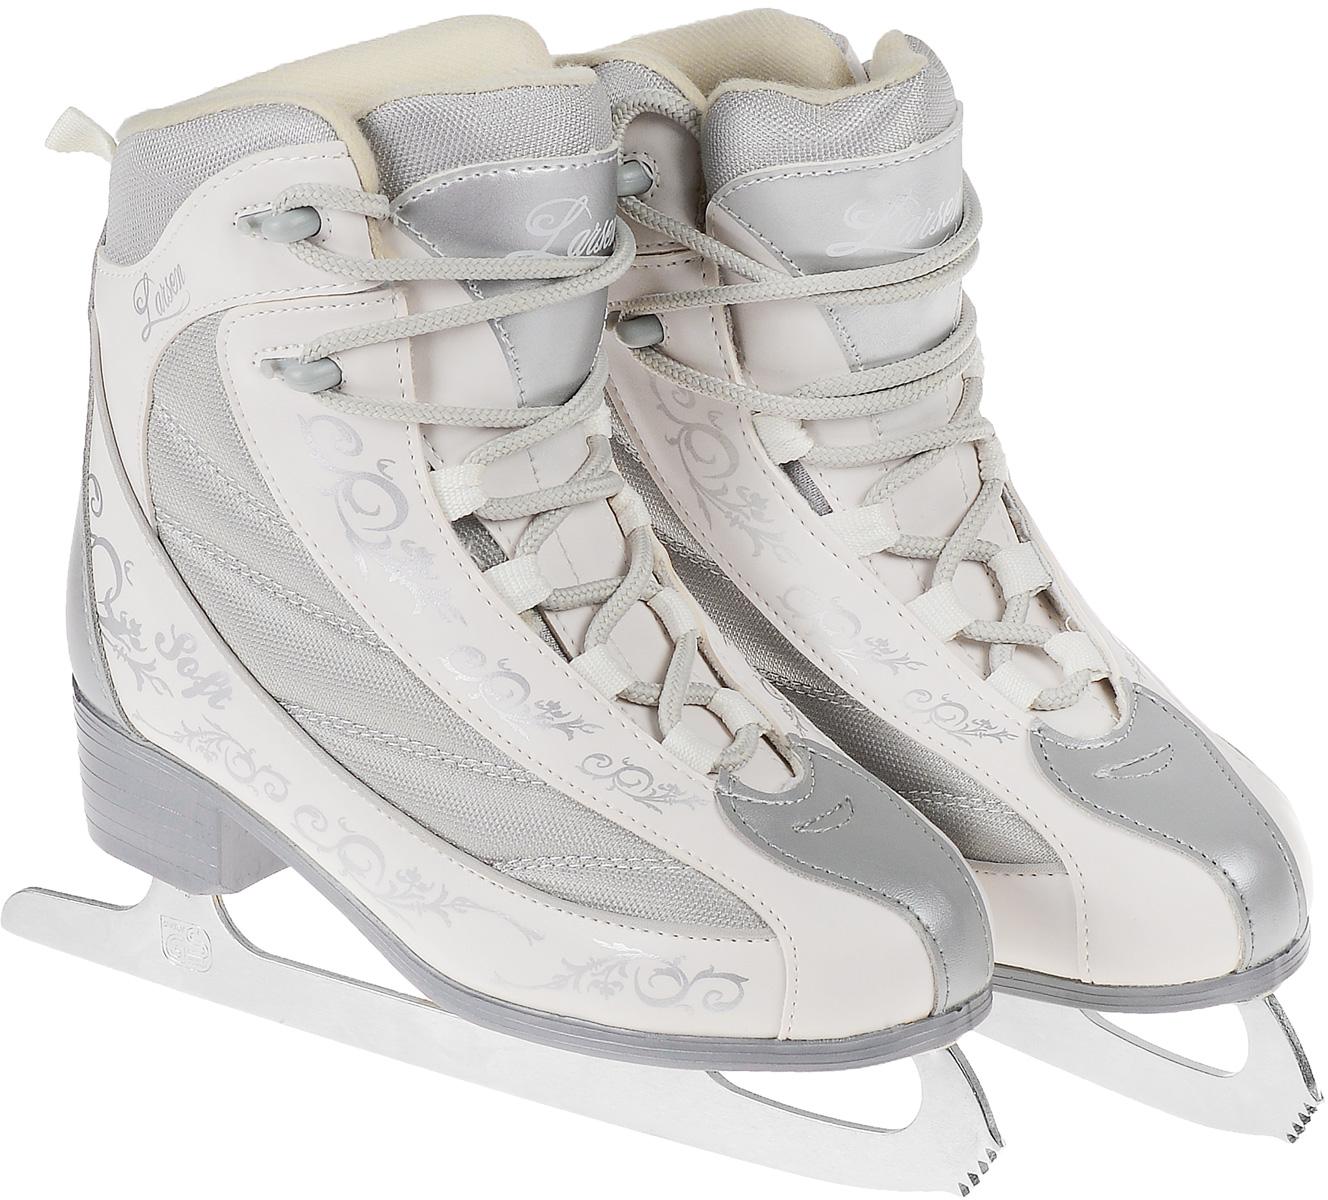 Коньки фигурные женские Larsen Soft, цвет: белый, серый. Размер 37